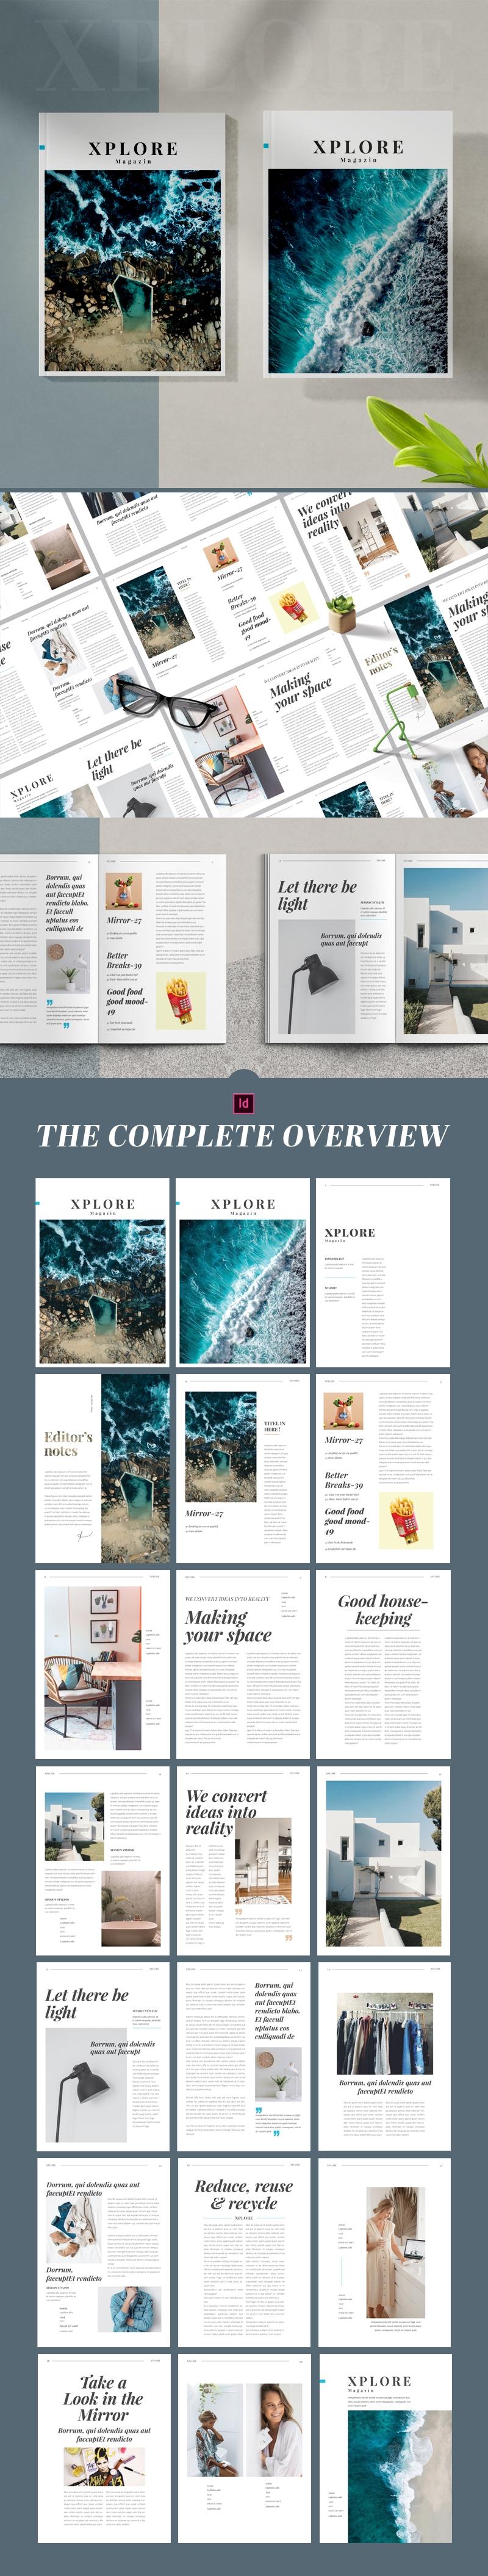 Xplore Magazin Tempalte